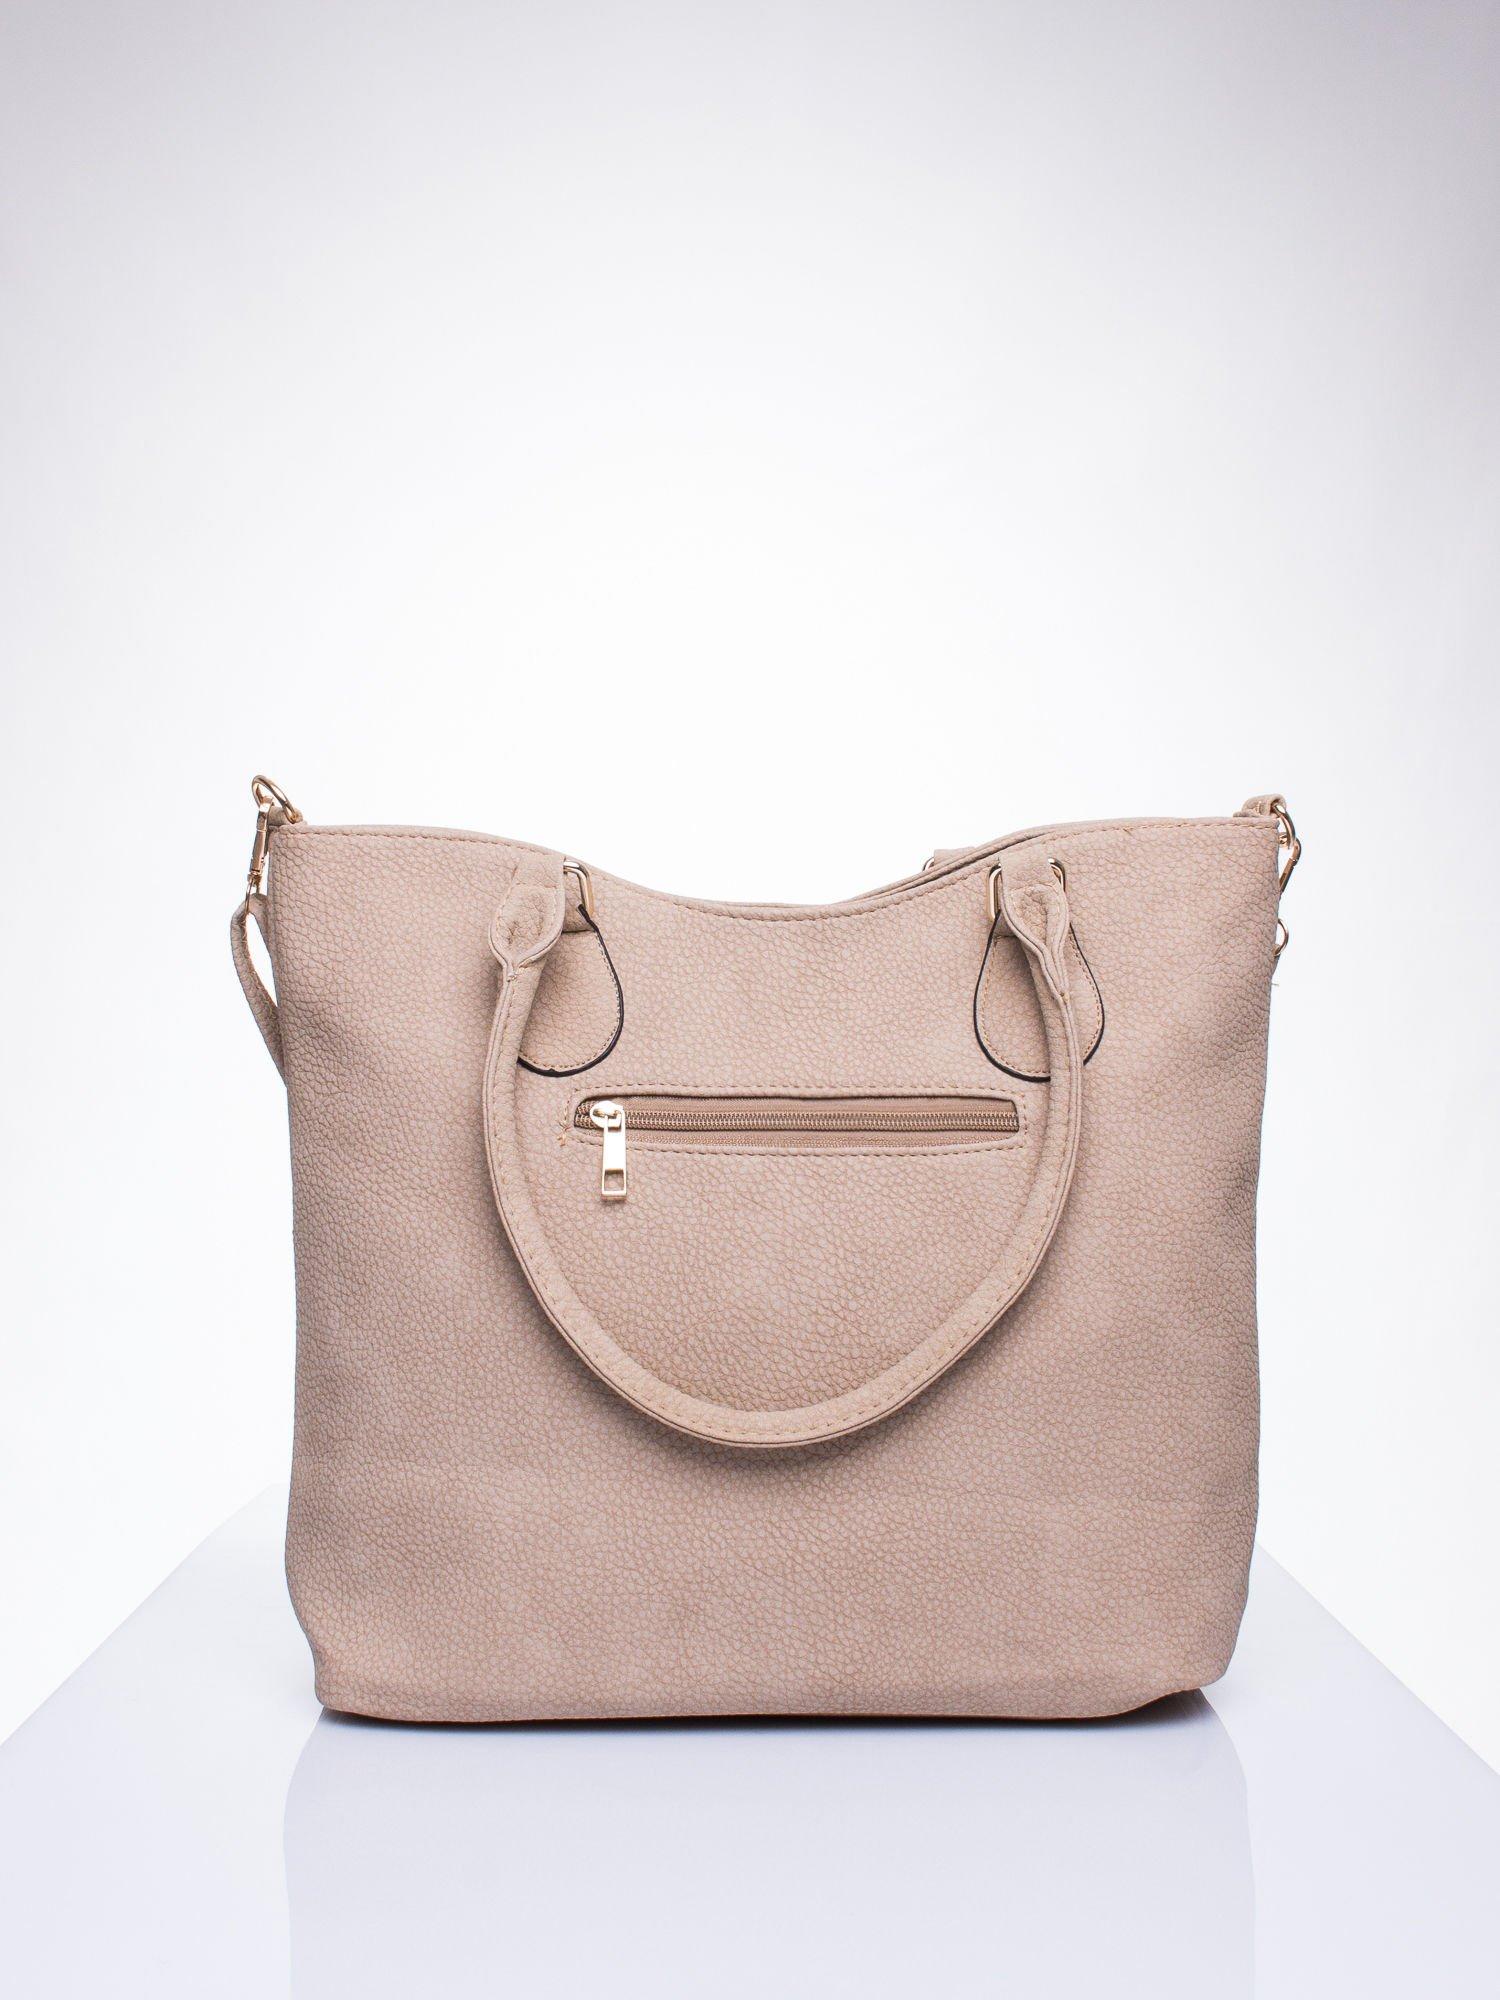 Jasnobrzowa torba shopper bag ze złotymi okuciami przy rączkach                                  zdj.                                  3